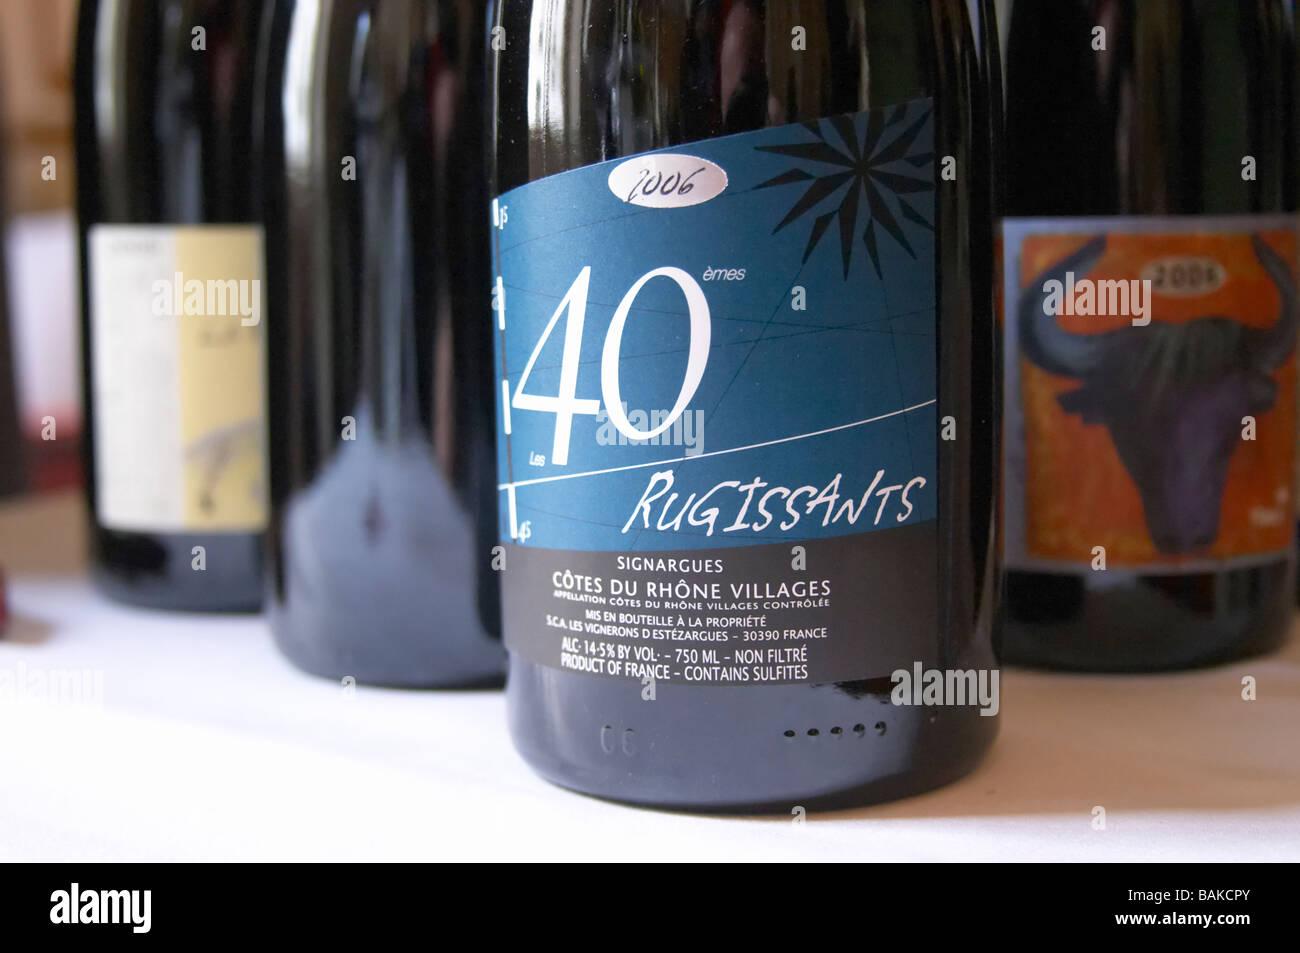 rugissants cdr villages unfiltered les vignerons d'estezargues rhone france - Stock Image